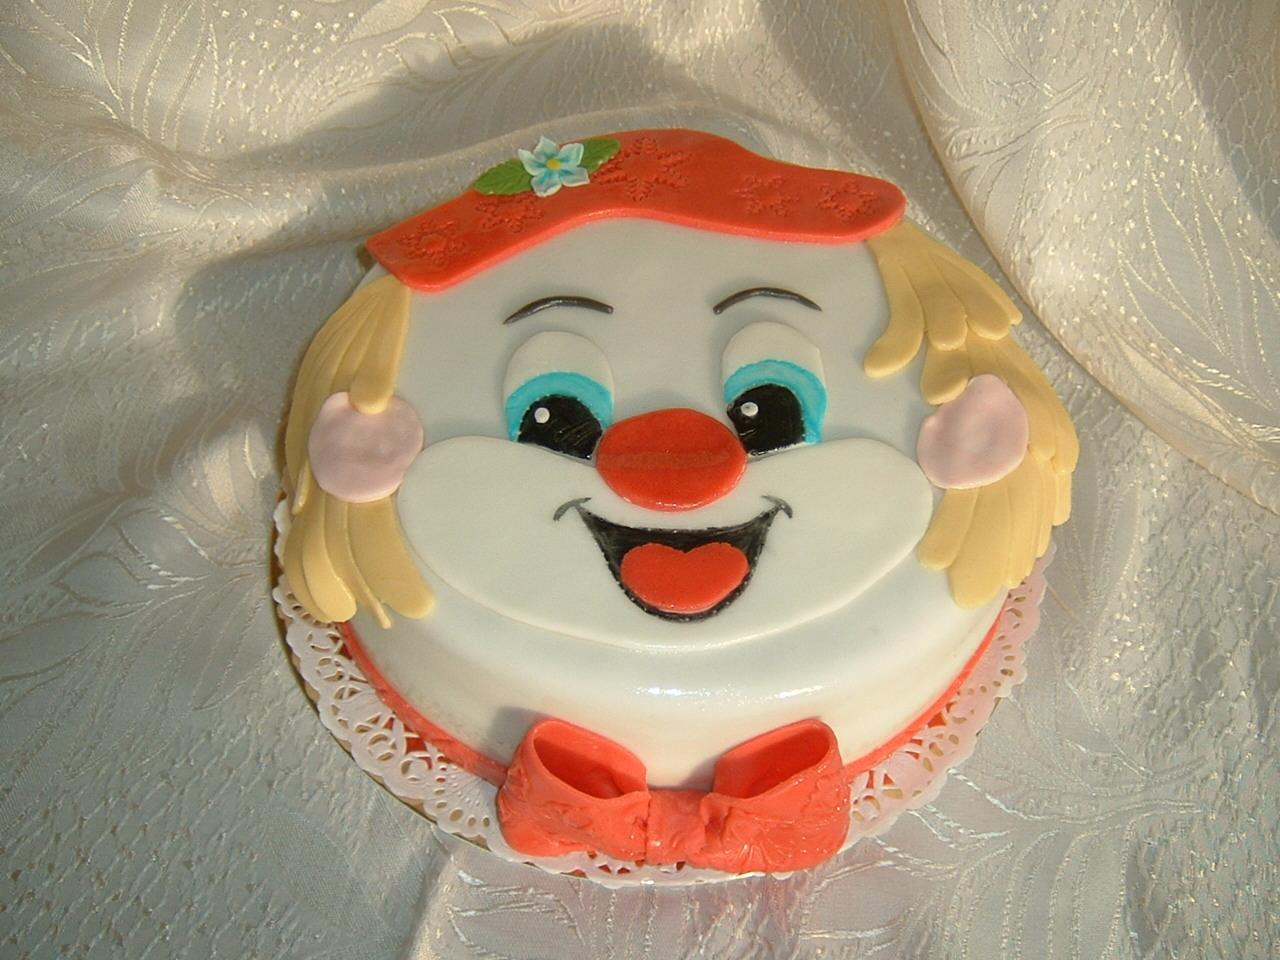 bohóc torta képek Rozi Erdélyi konyhája: Bohóc torta bohóc torta képek